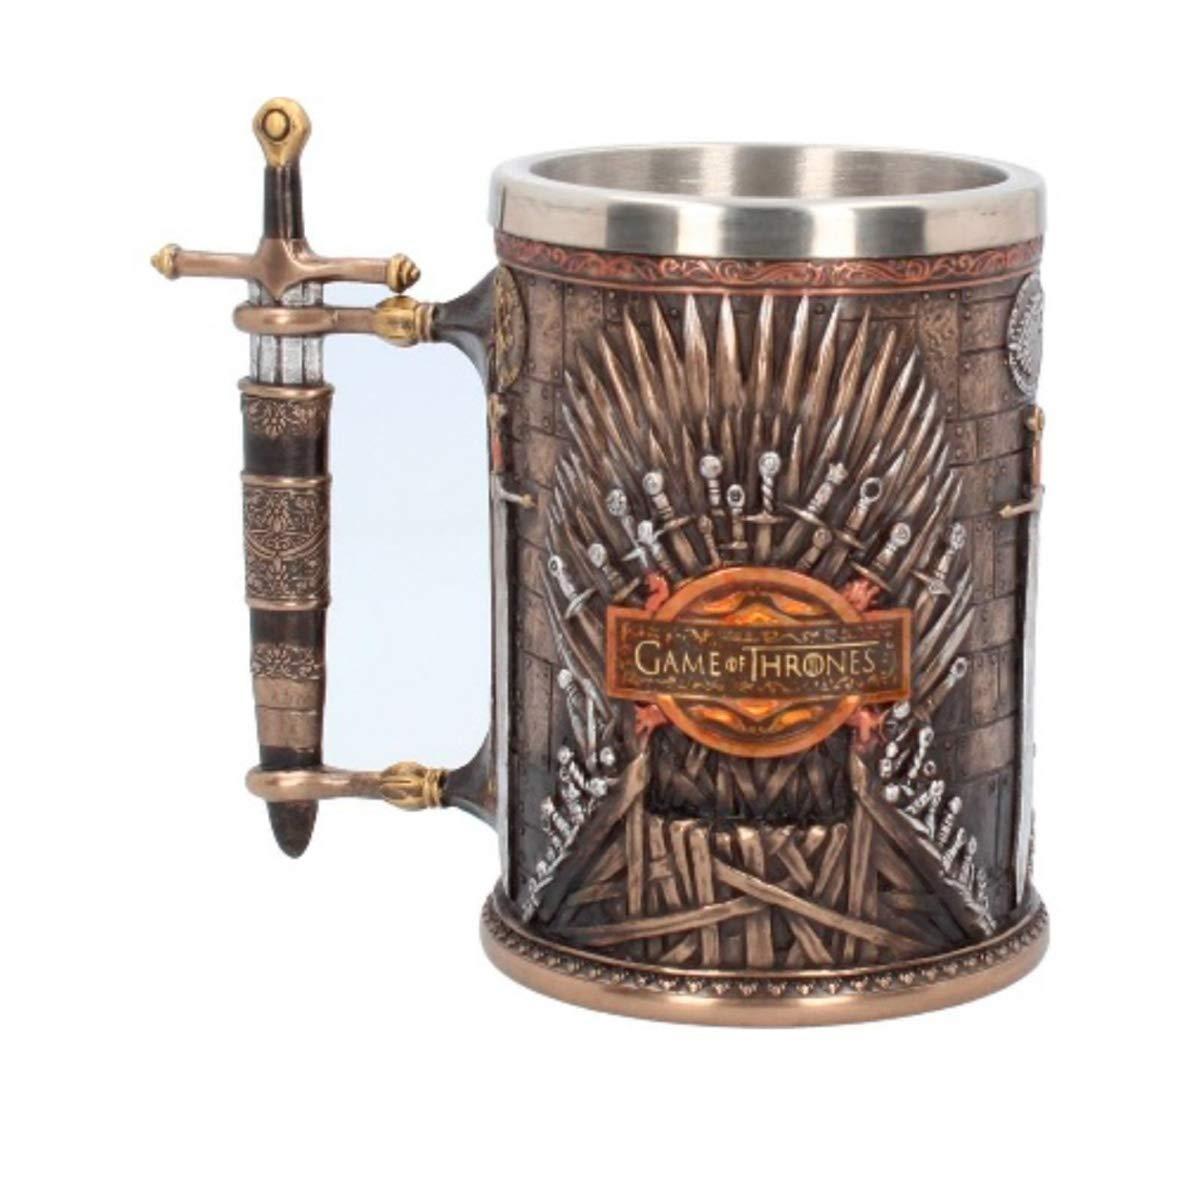 Game of Thrones - Iron Throne Tankard